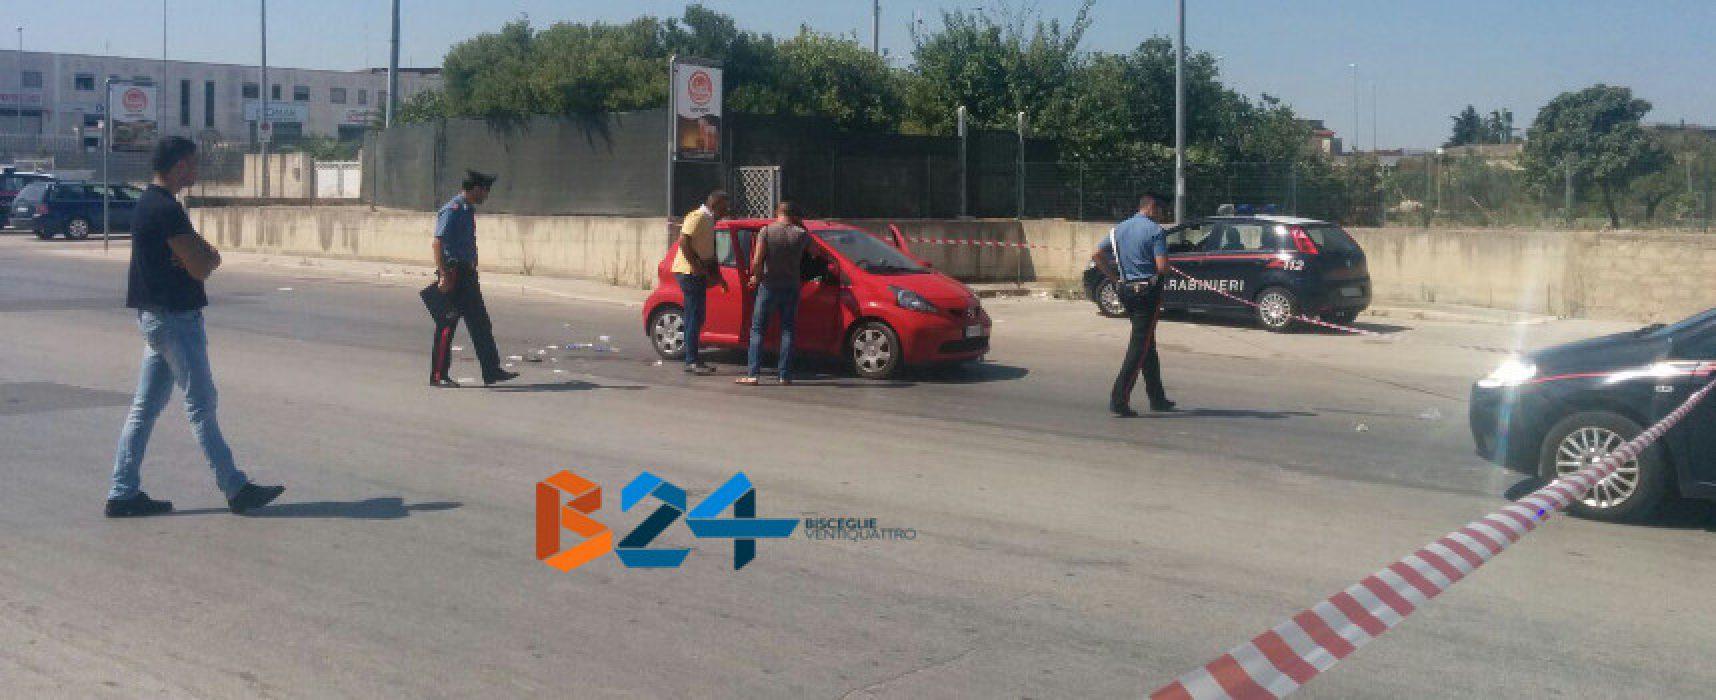 Agguato in via Ruvo, ucciso un uomo, ferita la moglie: è grave / FOTO e VIDEO